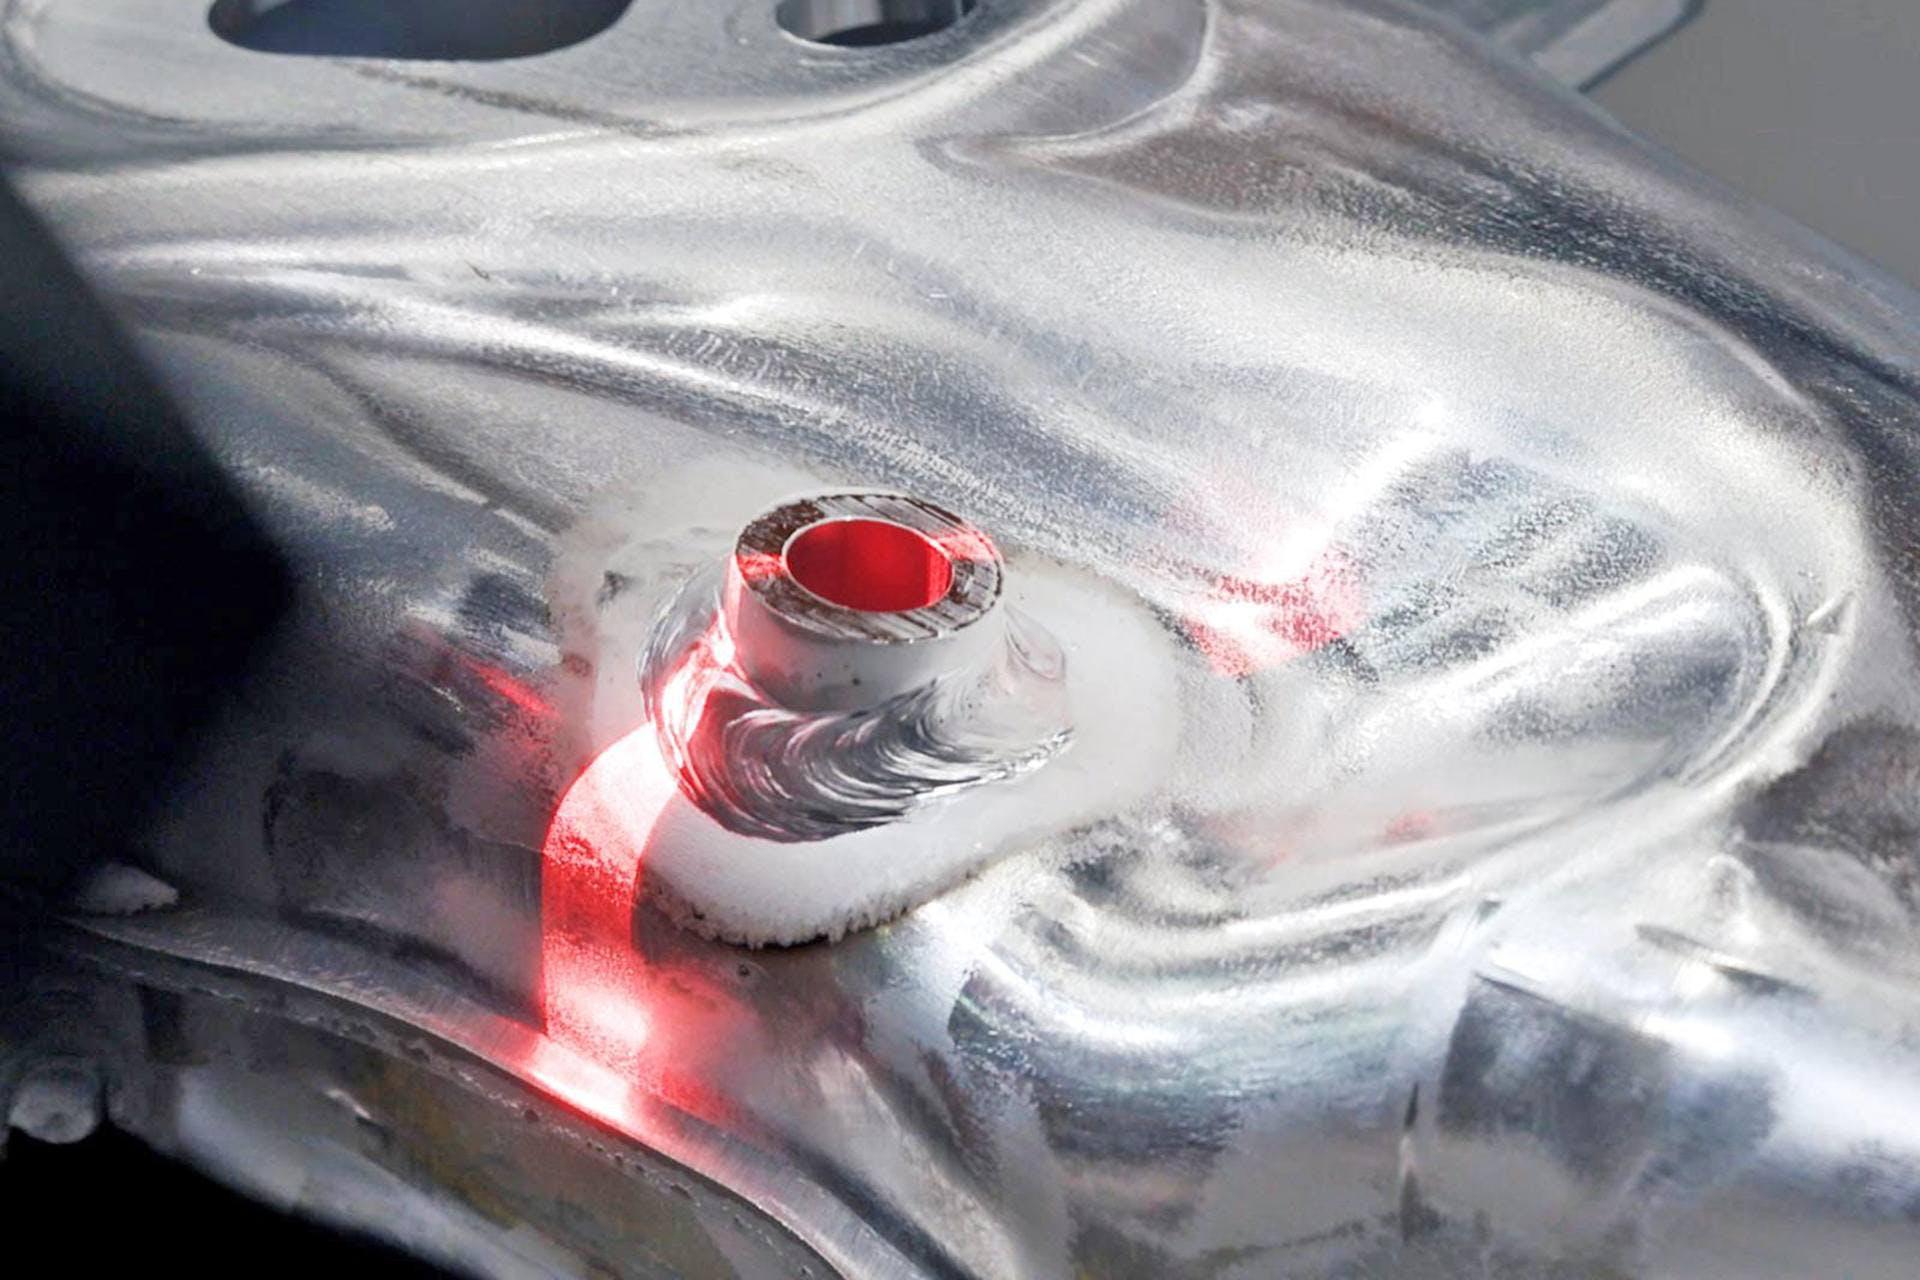 Nahaufnahme einer Schweißnaht mit rotem Laserstrich